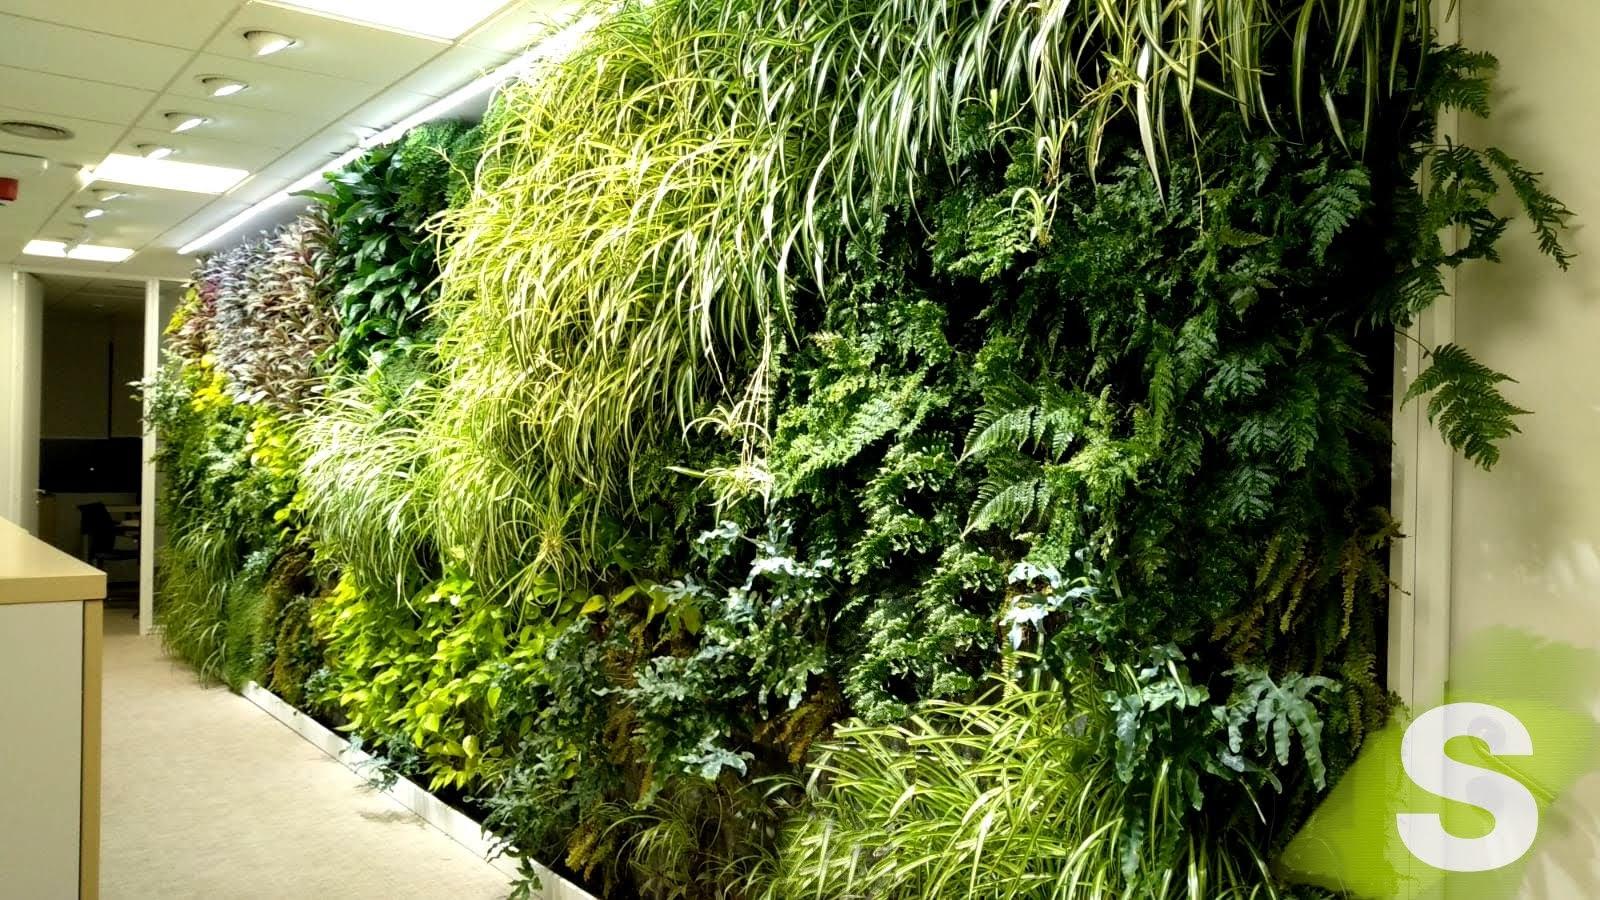 Jardín vertical en el interior de unas oficinas